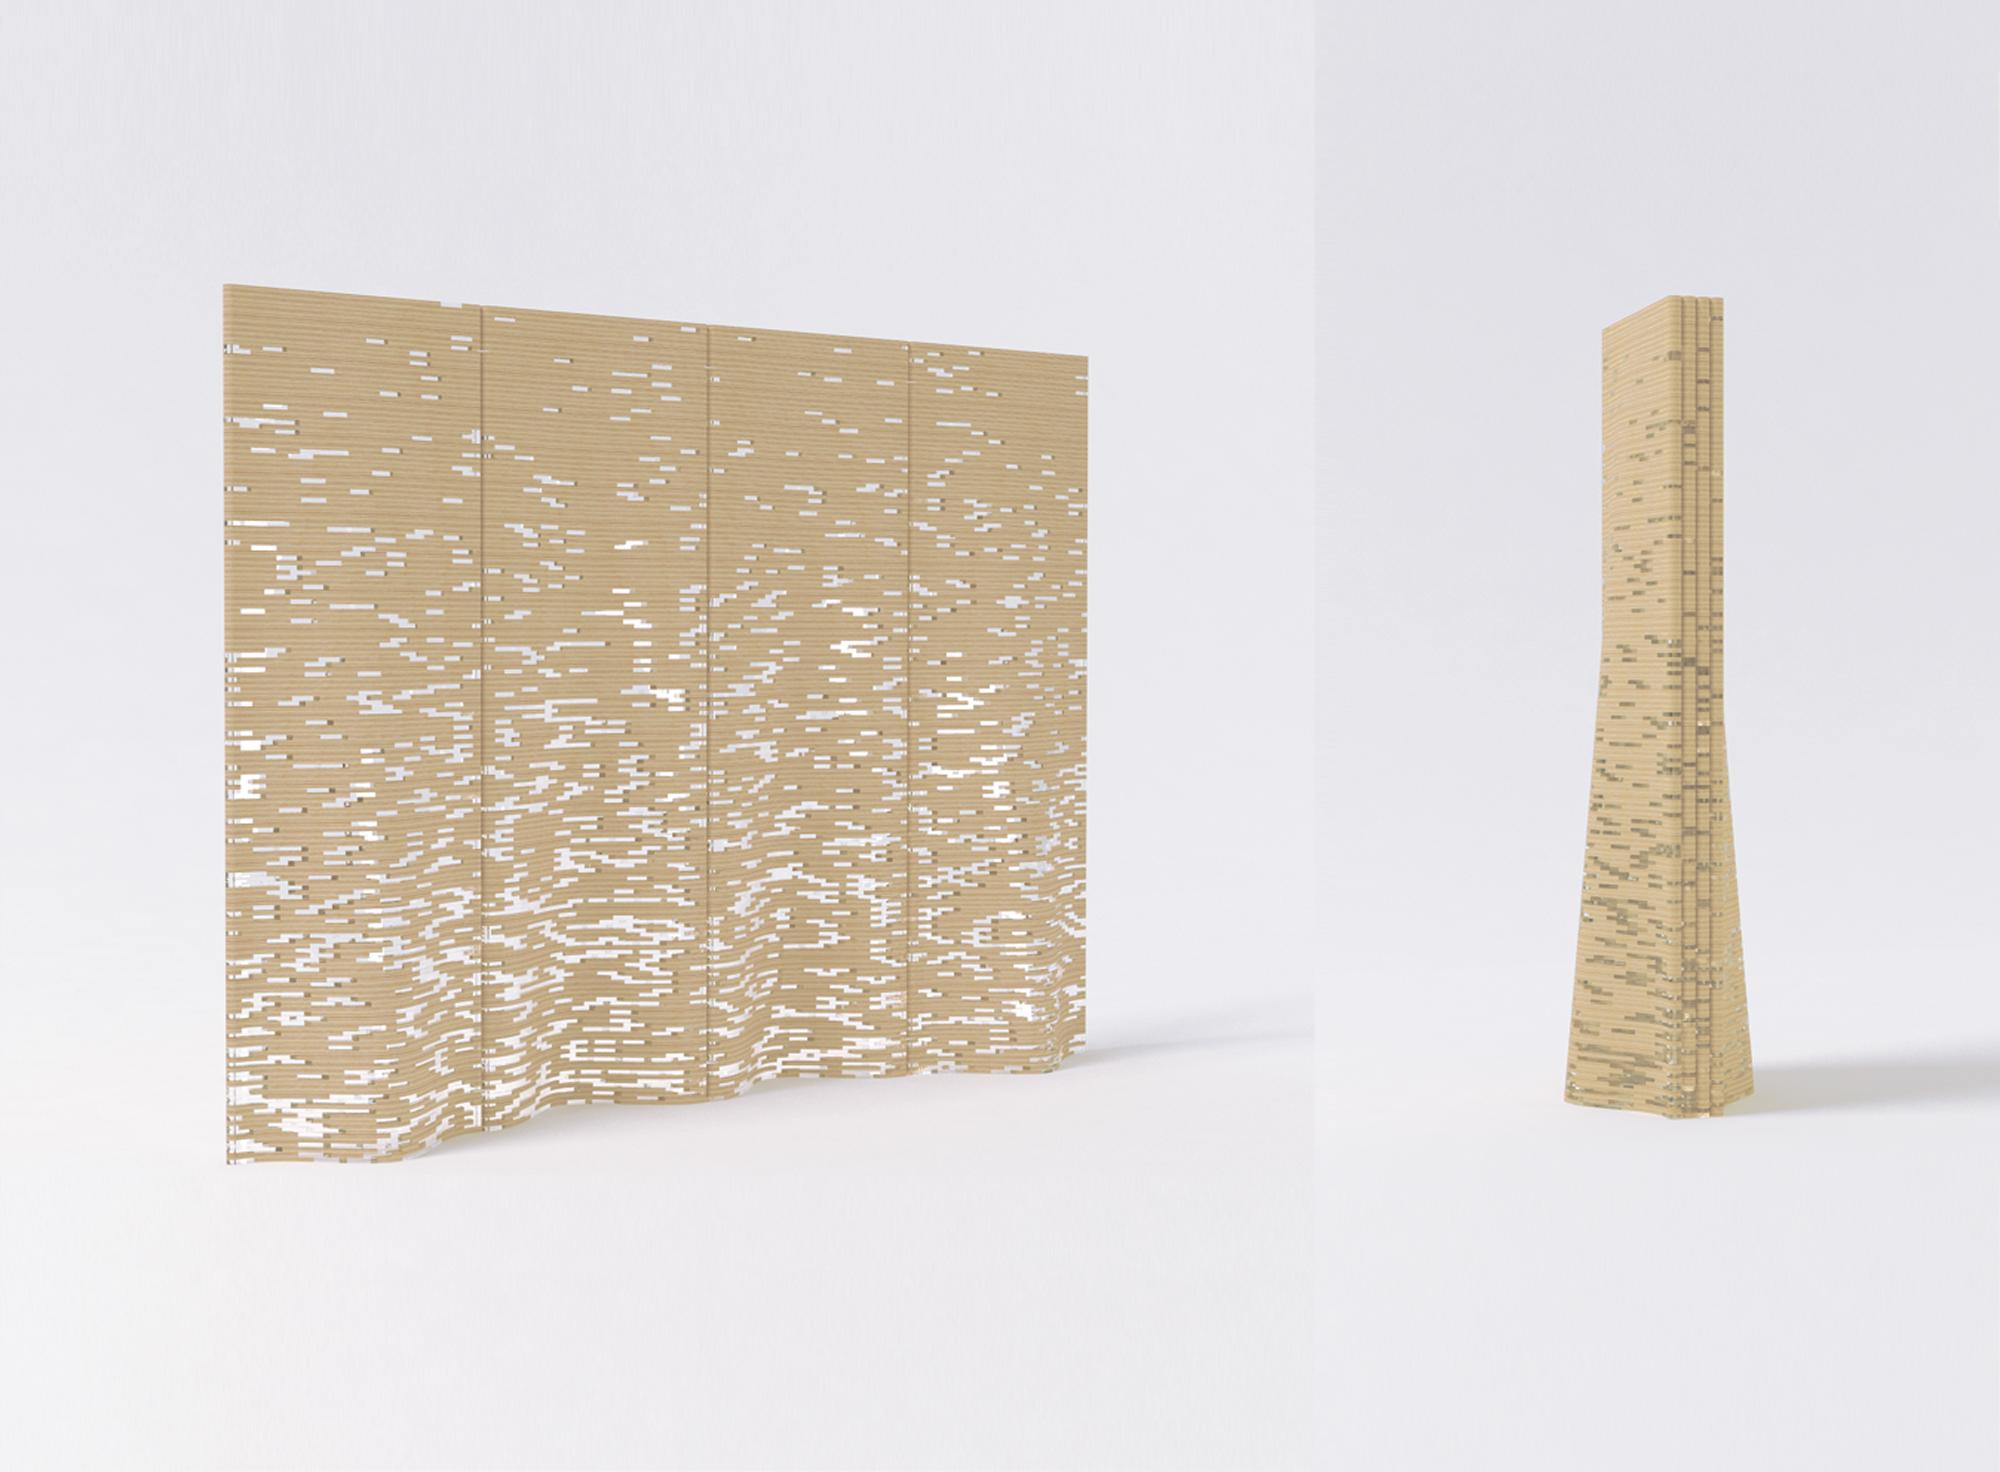 和室・洋室ともに似合うようデザインされた屏風の「風花屏風」。広げていない時でも、彫刻のように楽しむことができる。透け具合の作成・検討にコンピューターの力を存分に使った作品。